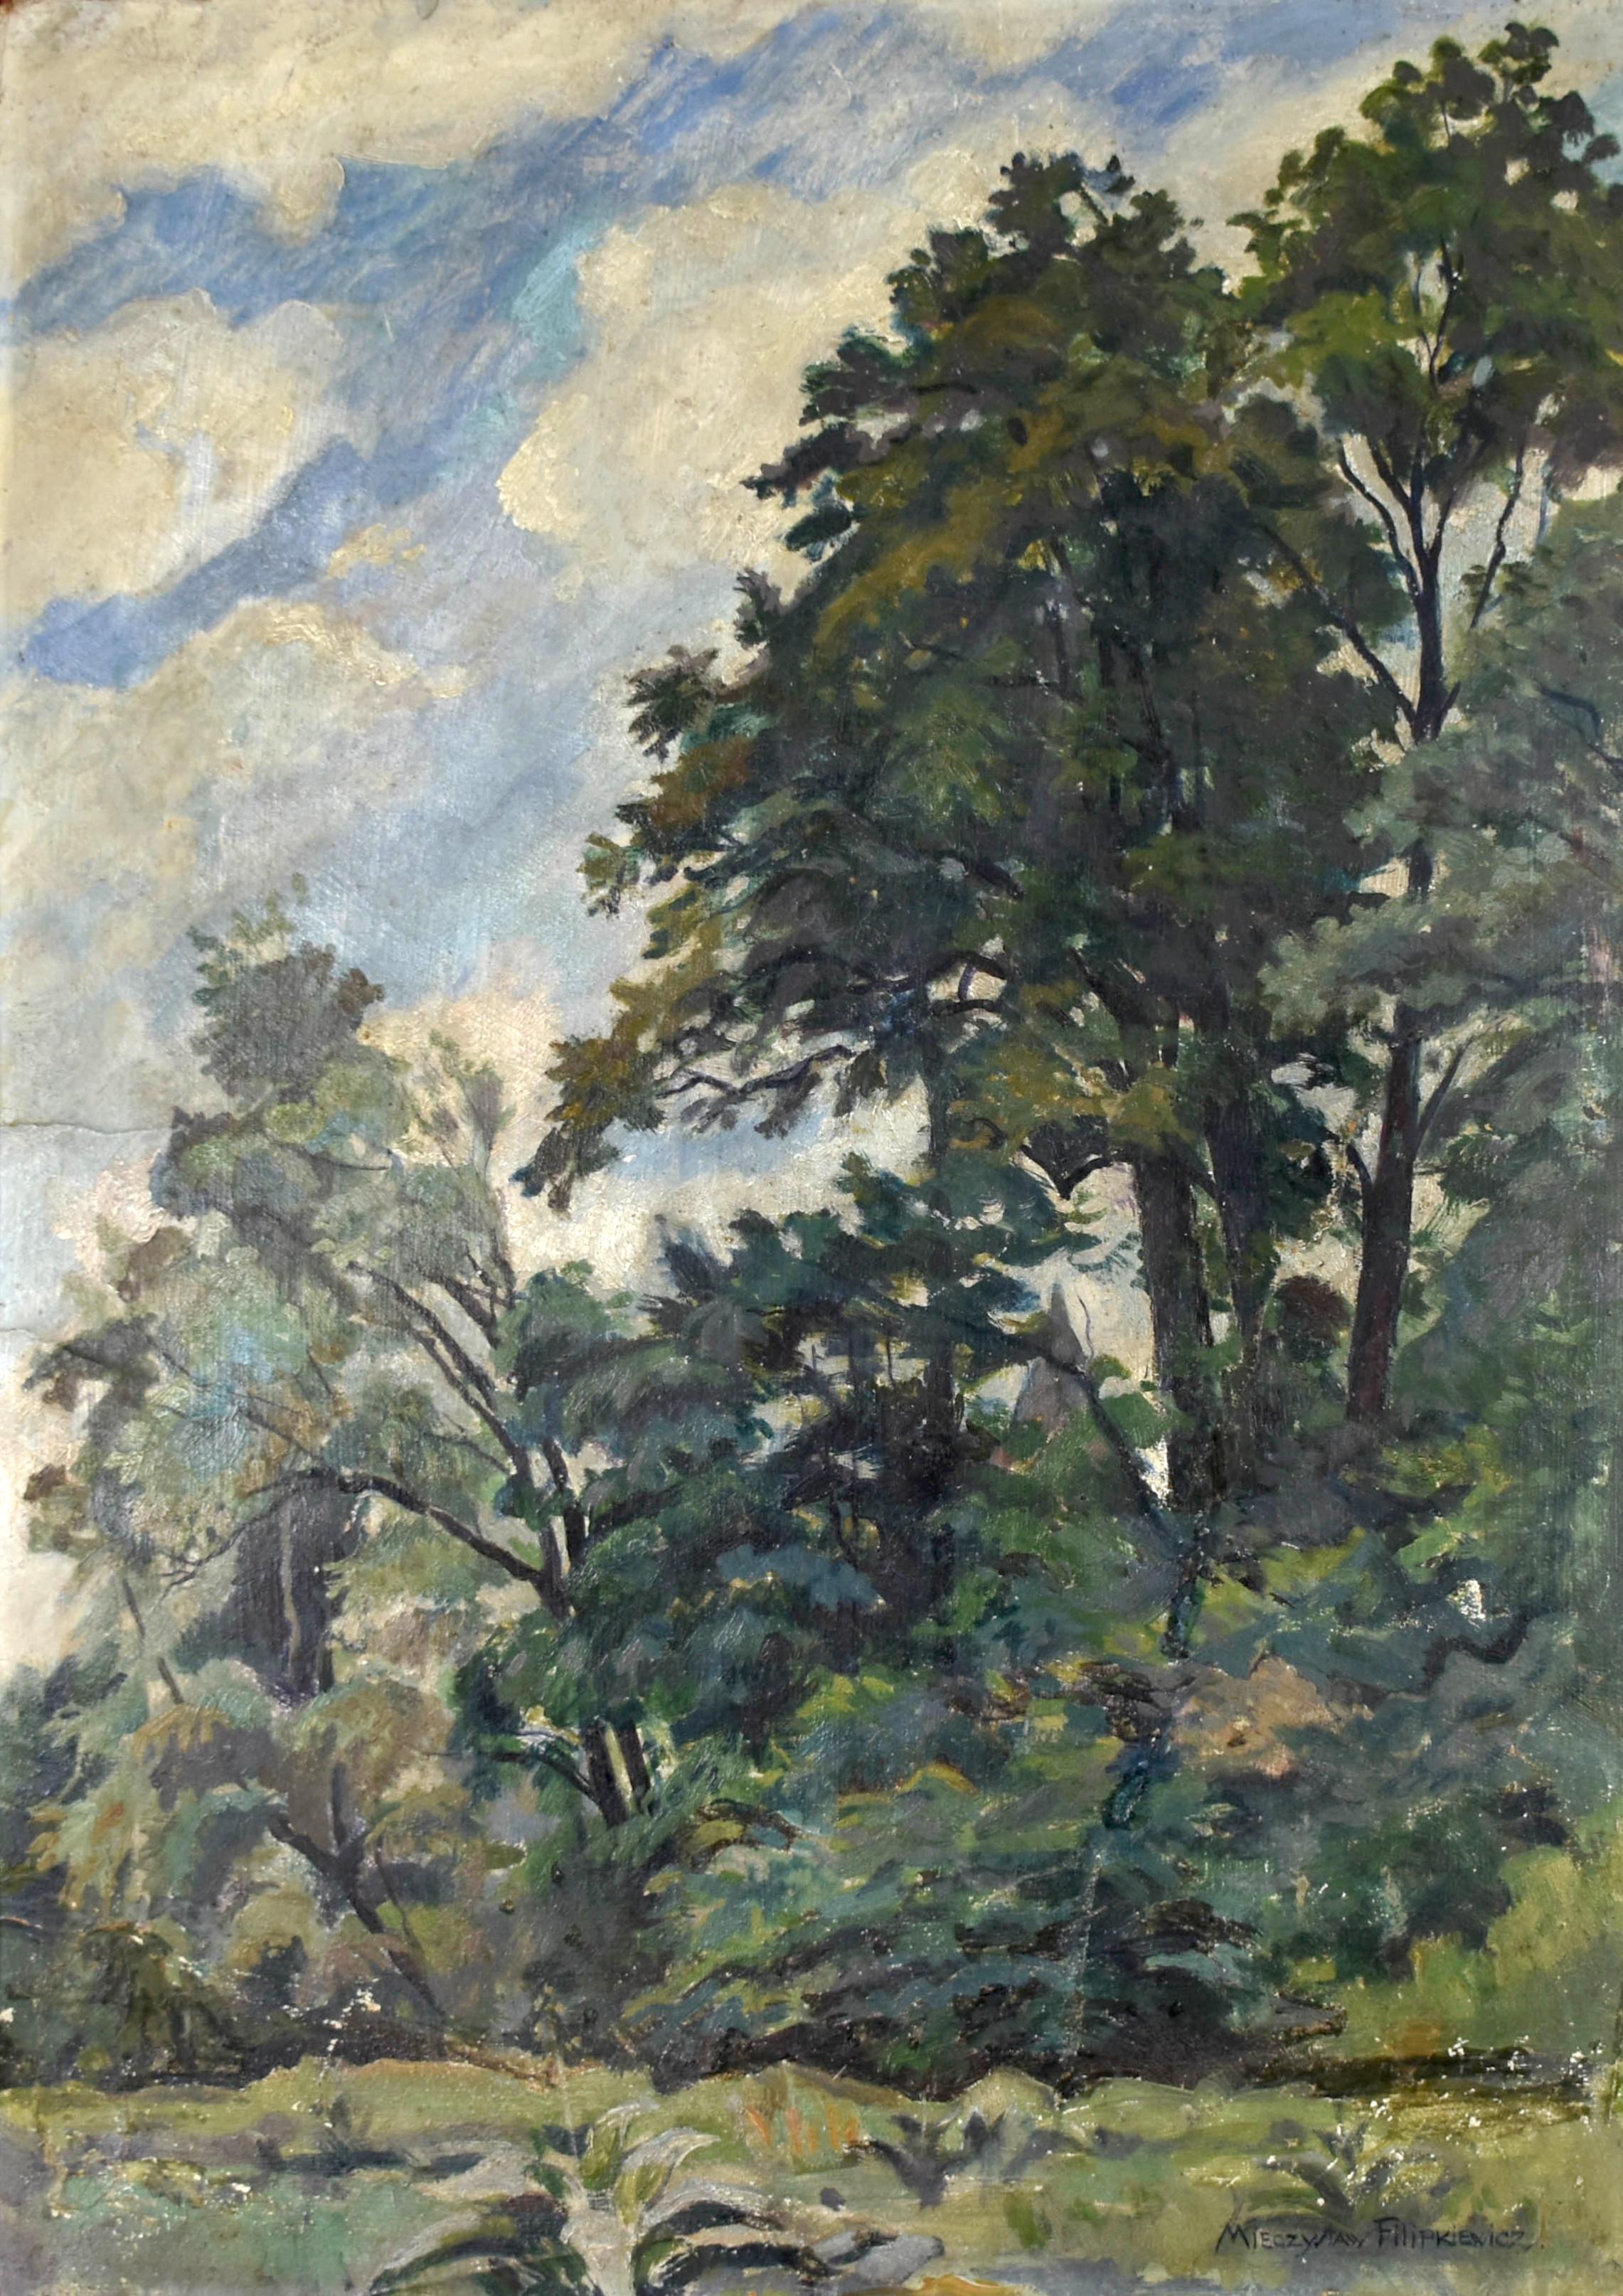 Pejzaż z drzewami